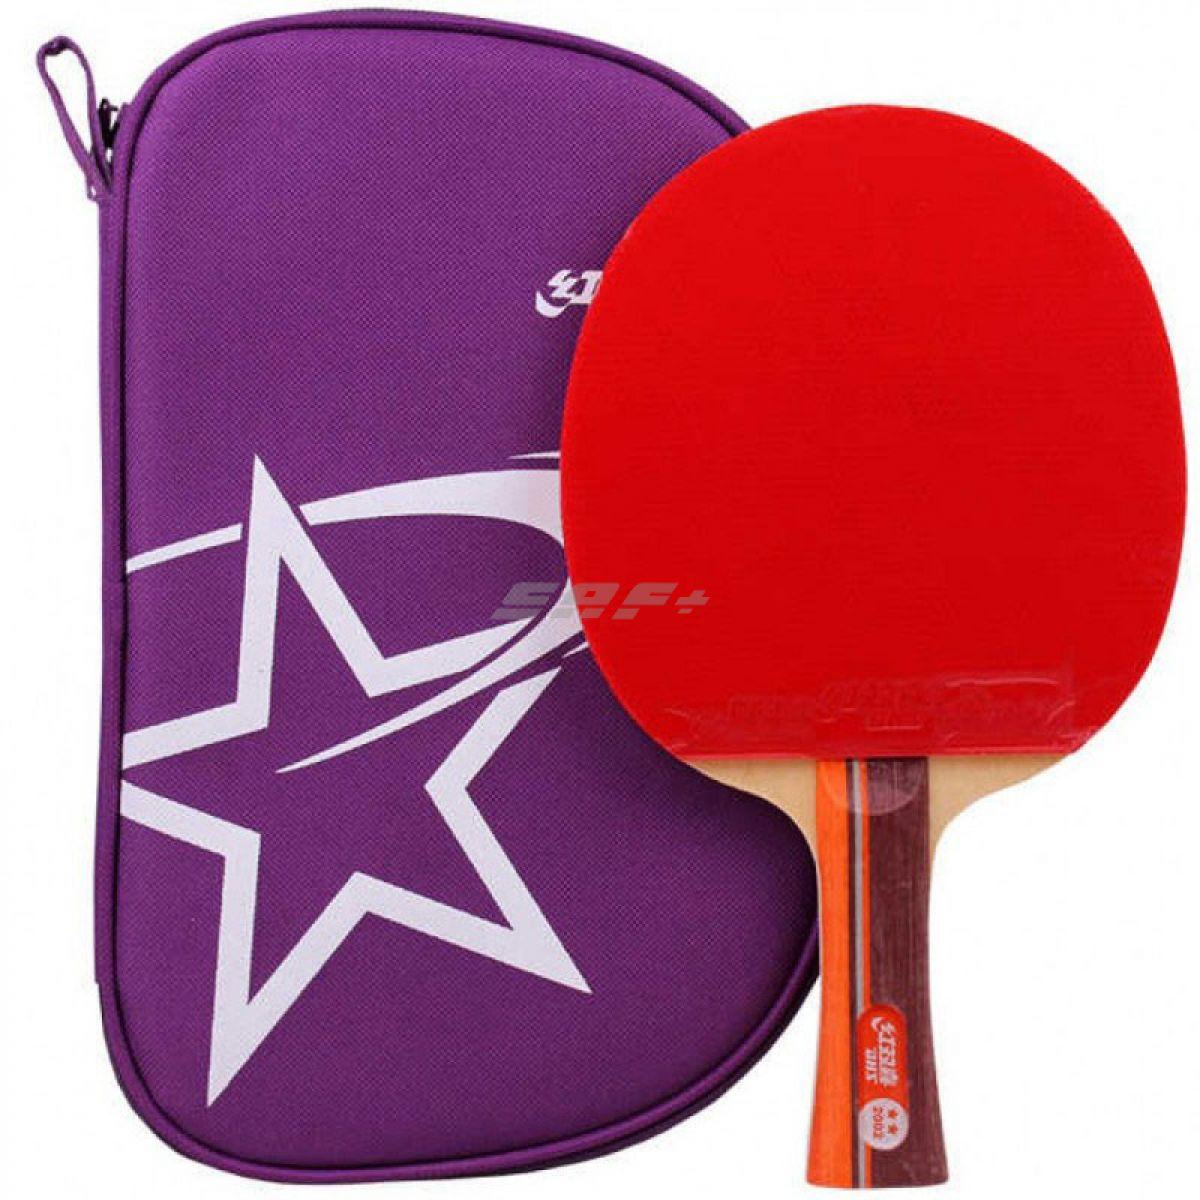 Ракетка для настольного тенниса Ракетка для н/т DHS T2002, 2** звезды, для тренировок, накладка 2,2 мм, кон. ручка